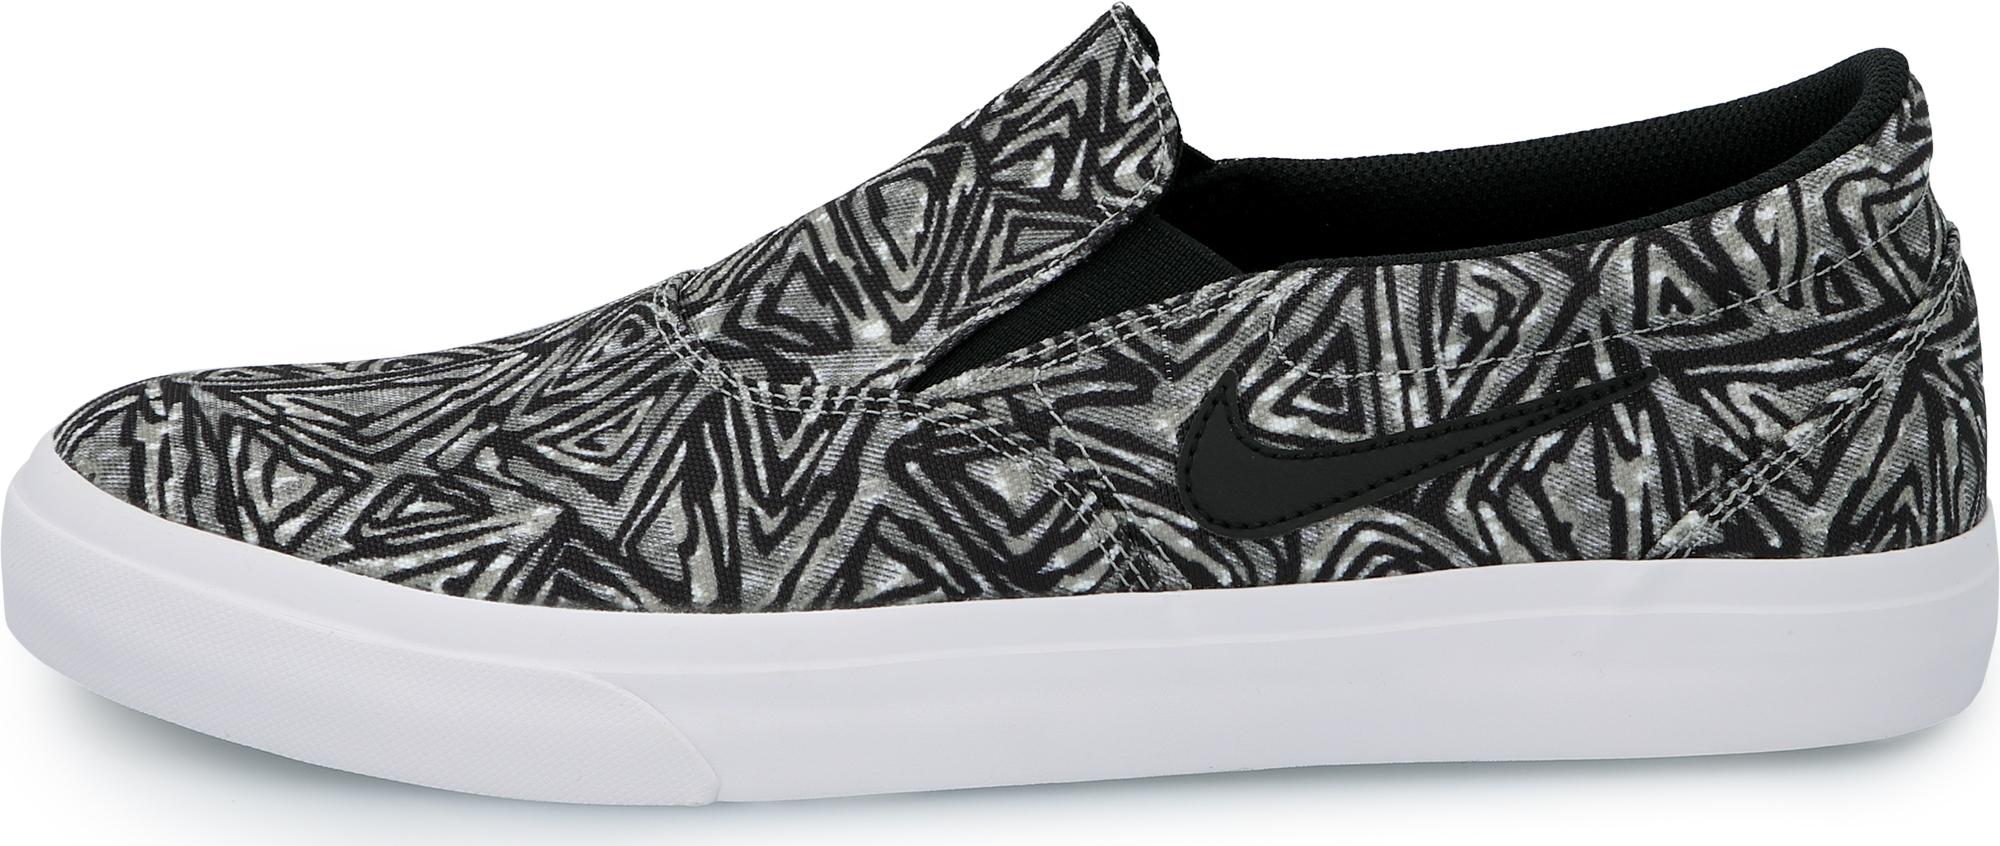 цена на Nike Кеды мужские Nike Sb Charge Slip Premium, размер 41.5